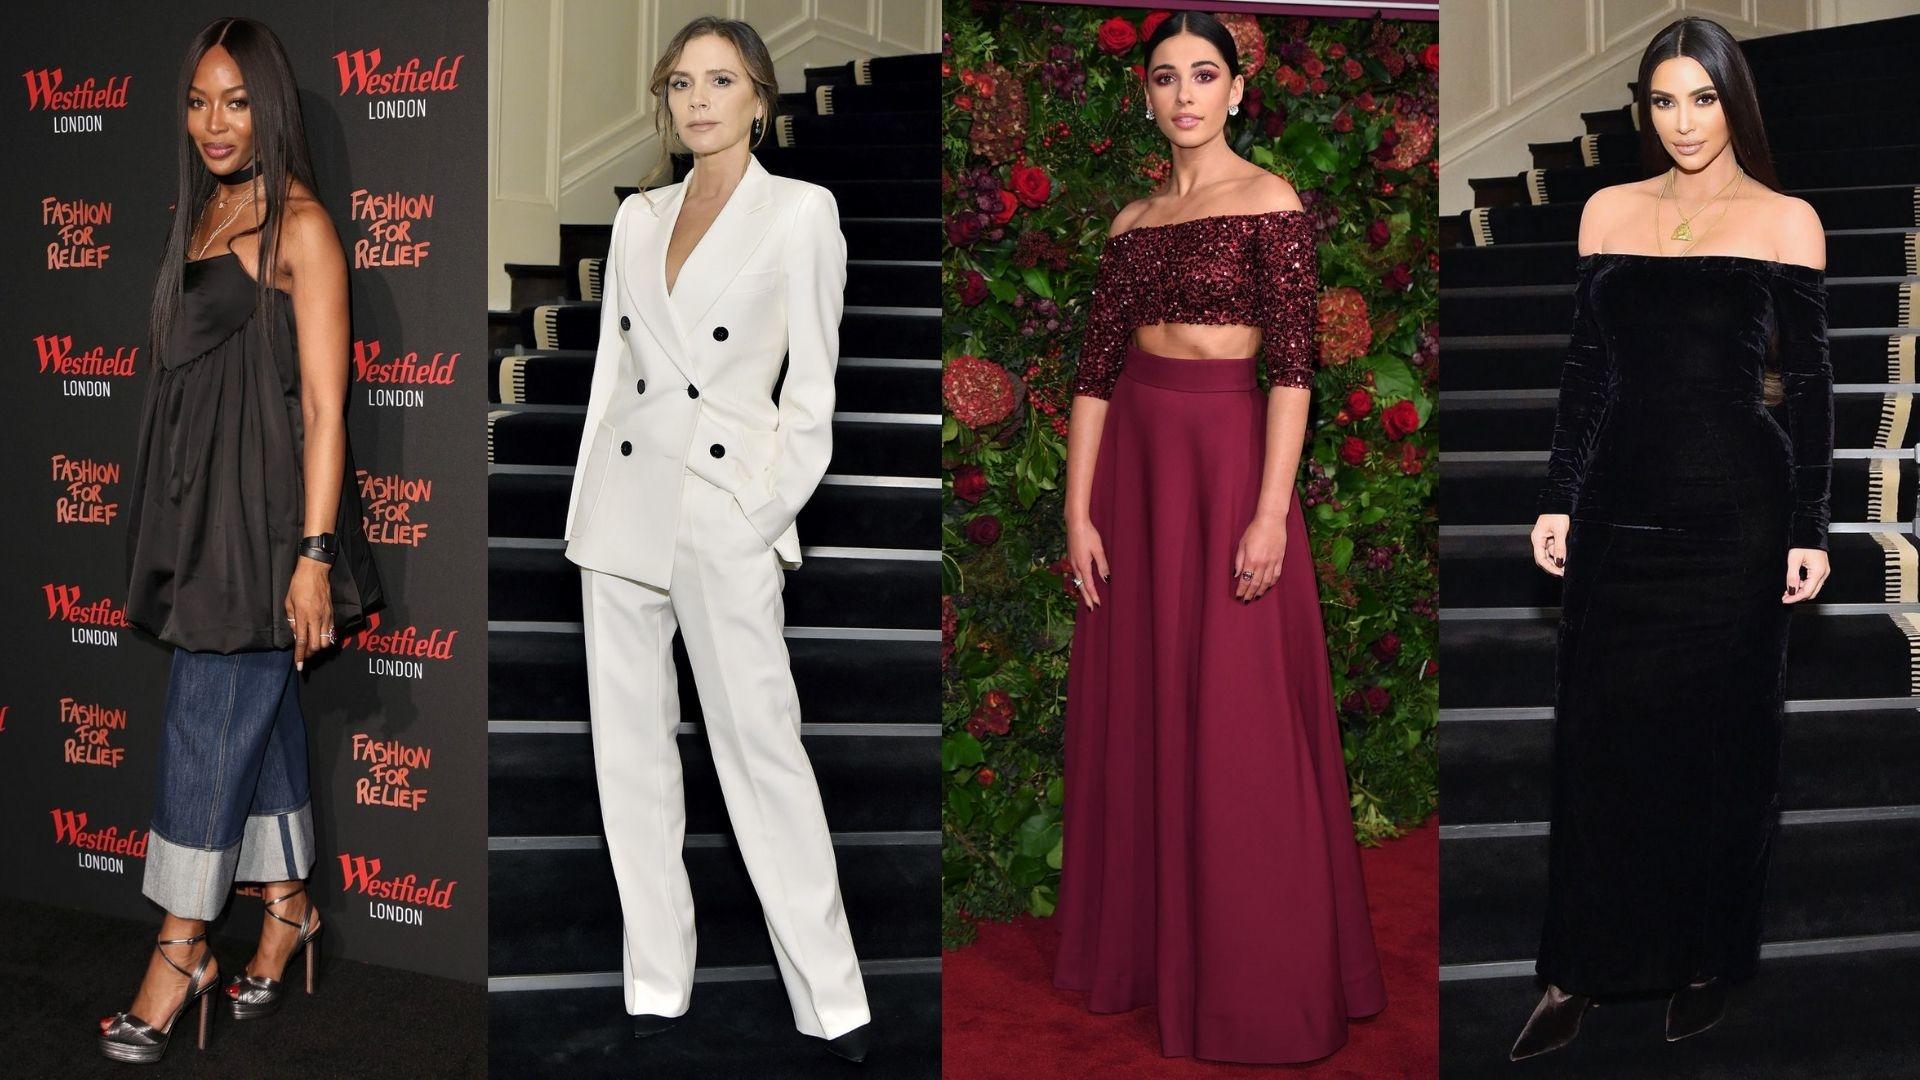 The Best Dressed Celebrities Of The Week: 28 November